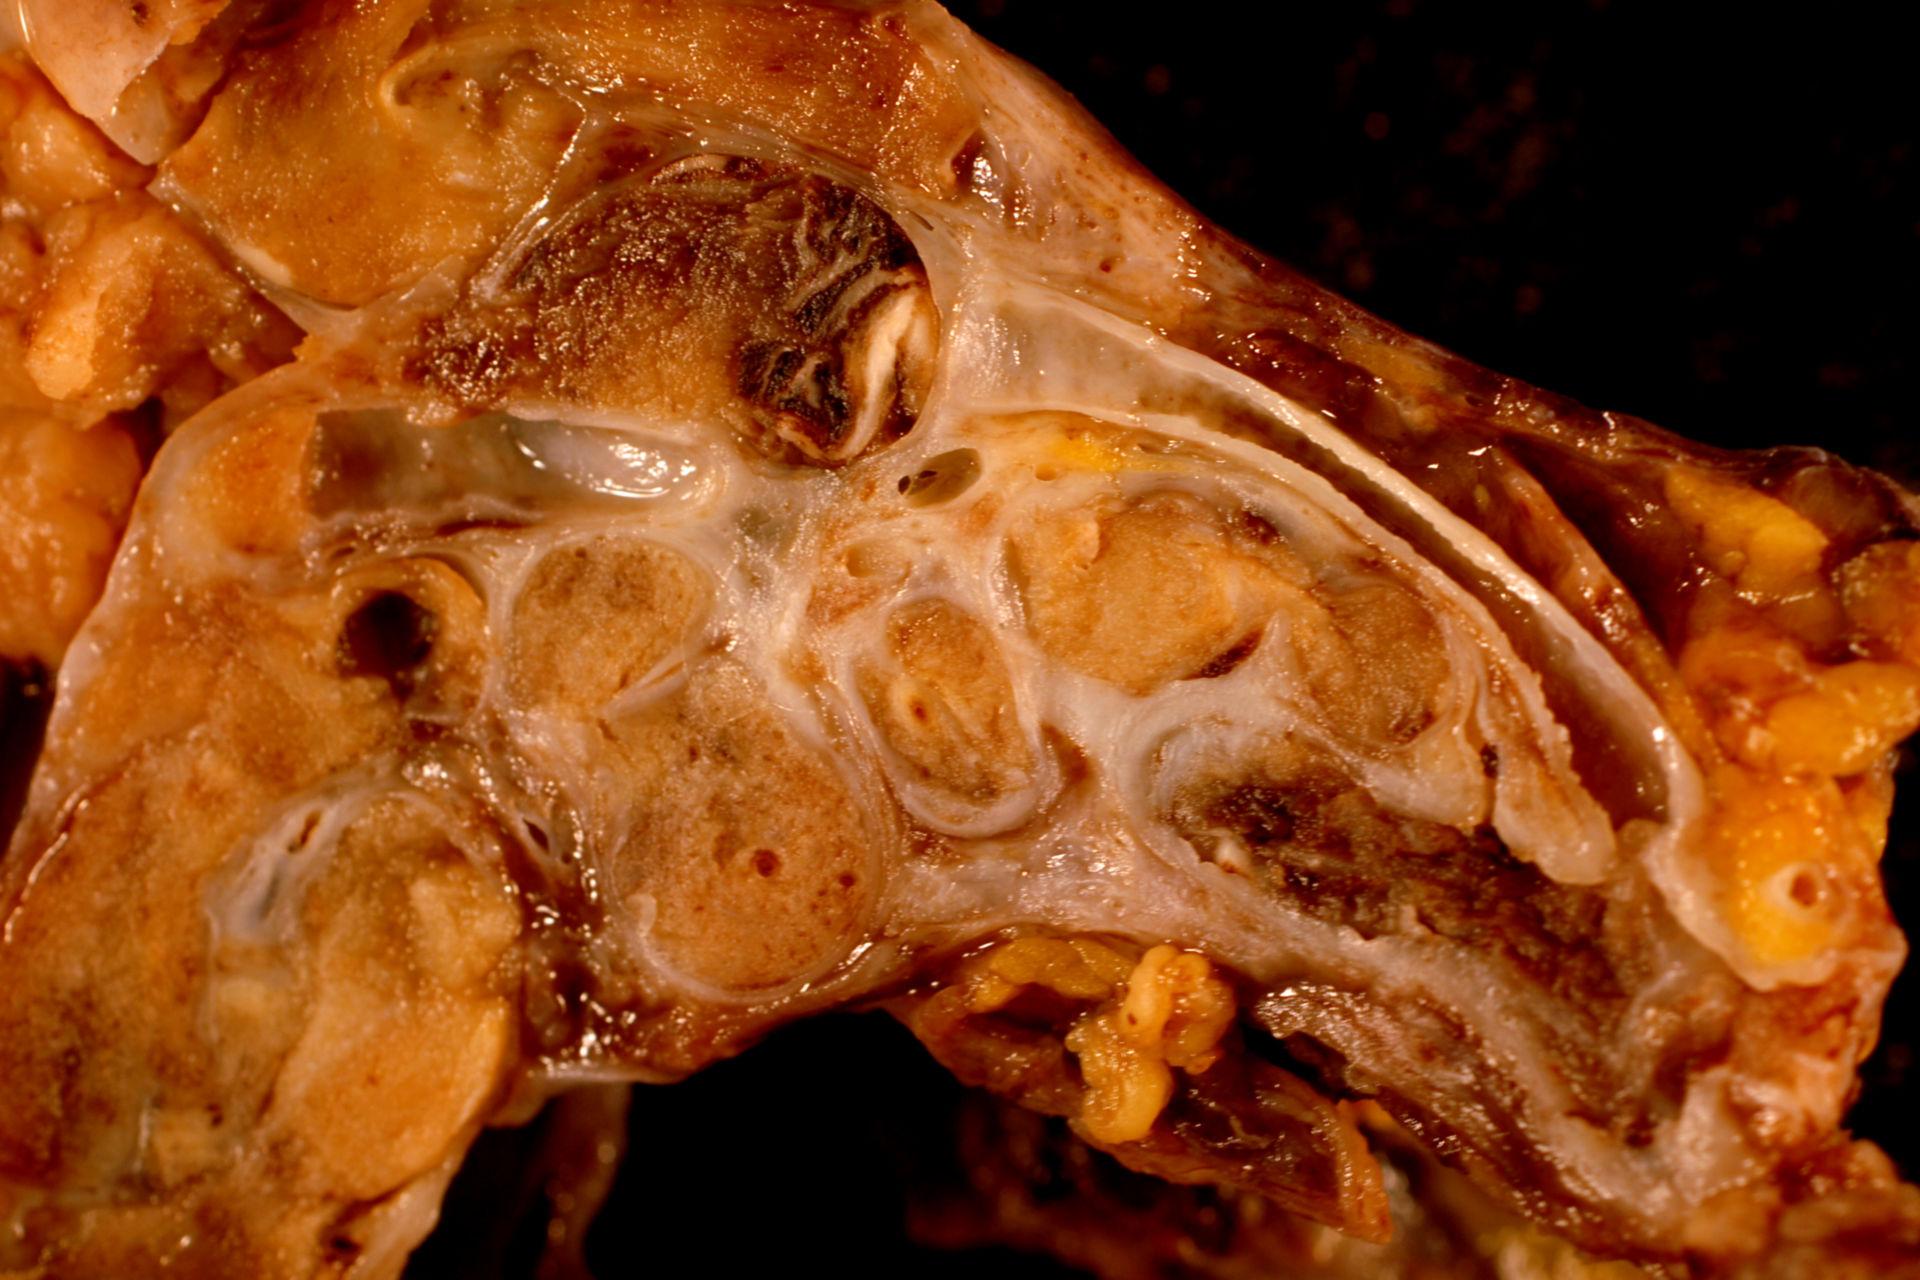 Tumore intra-uterino in paziente di 33 anni